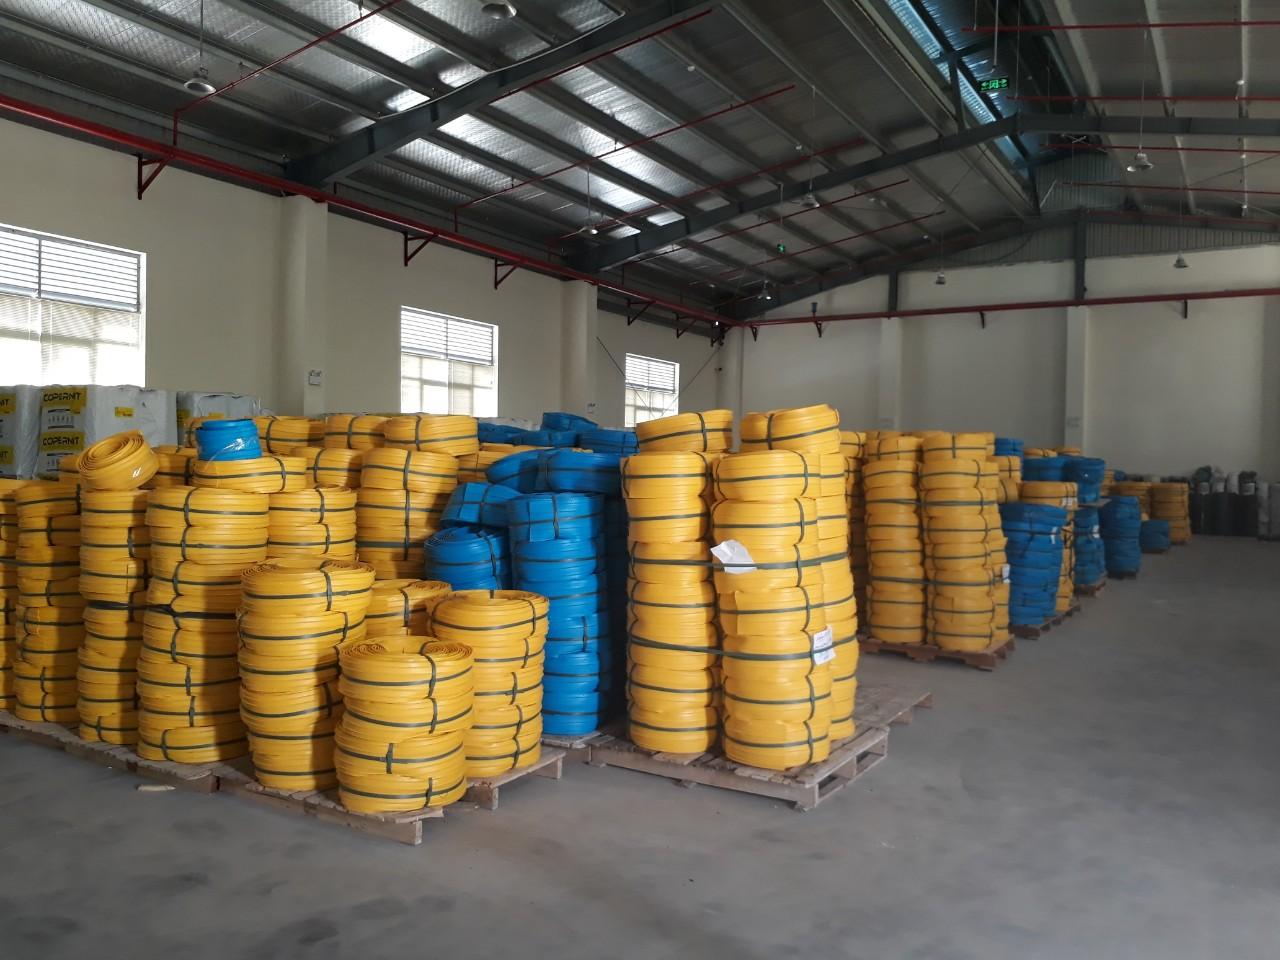 Băng cản nước có rất nhiều ứng dụng trong thi công công trình hiện nay